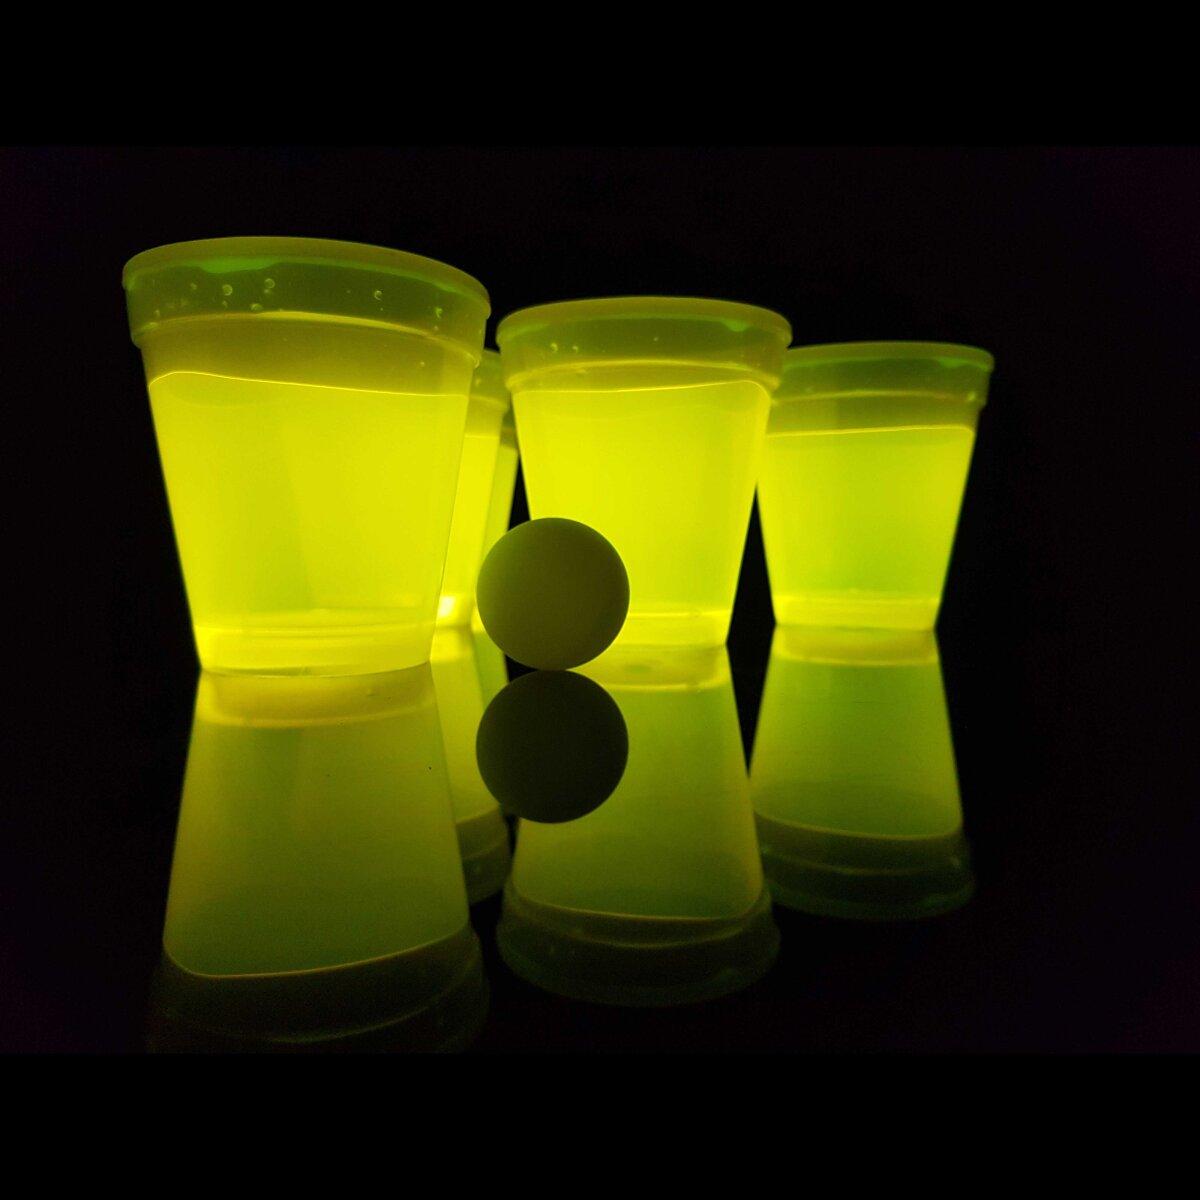 2x Leuchtendes Bierpong a 12 leucht-Becher 2 leucht-Bälle